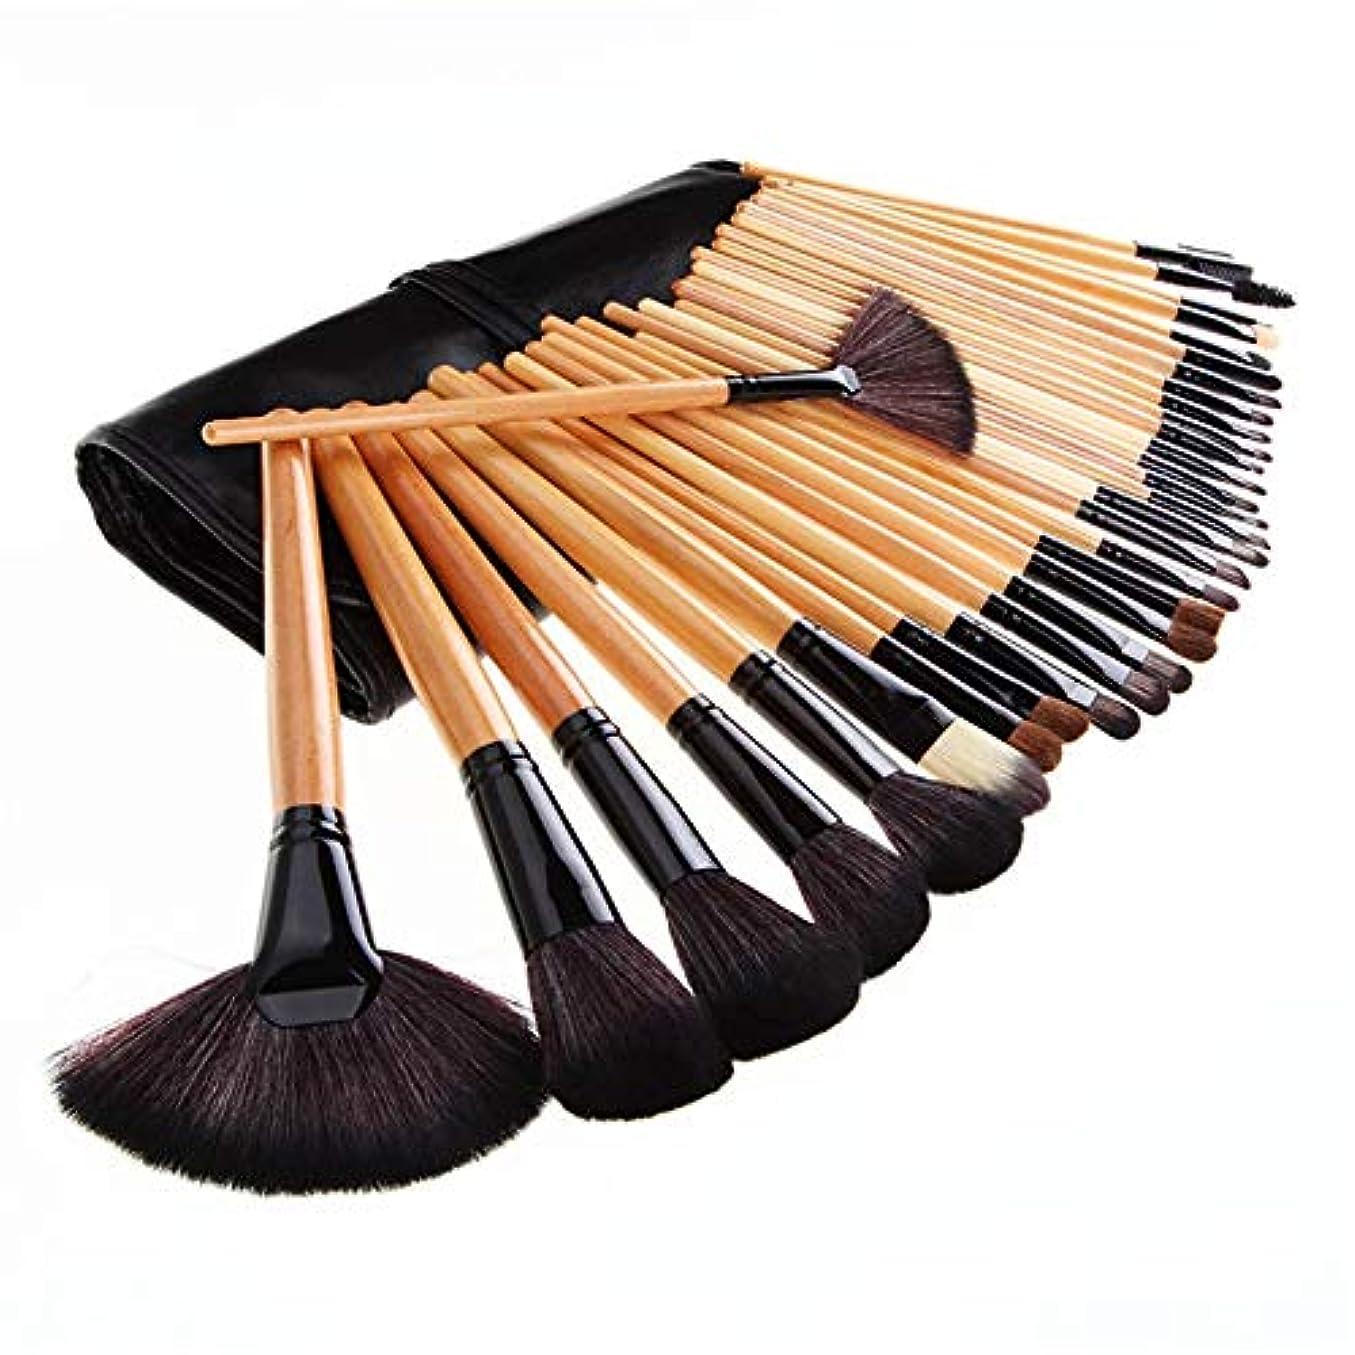 存在する足枷閃光Makeup brushes メイクアップブラシ32メイクアップブラシバッグのセット全体のセットメイクアップブラシバッグフォトスタジオメイクアップツールのネイルセット suits (Color : Clear)